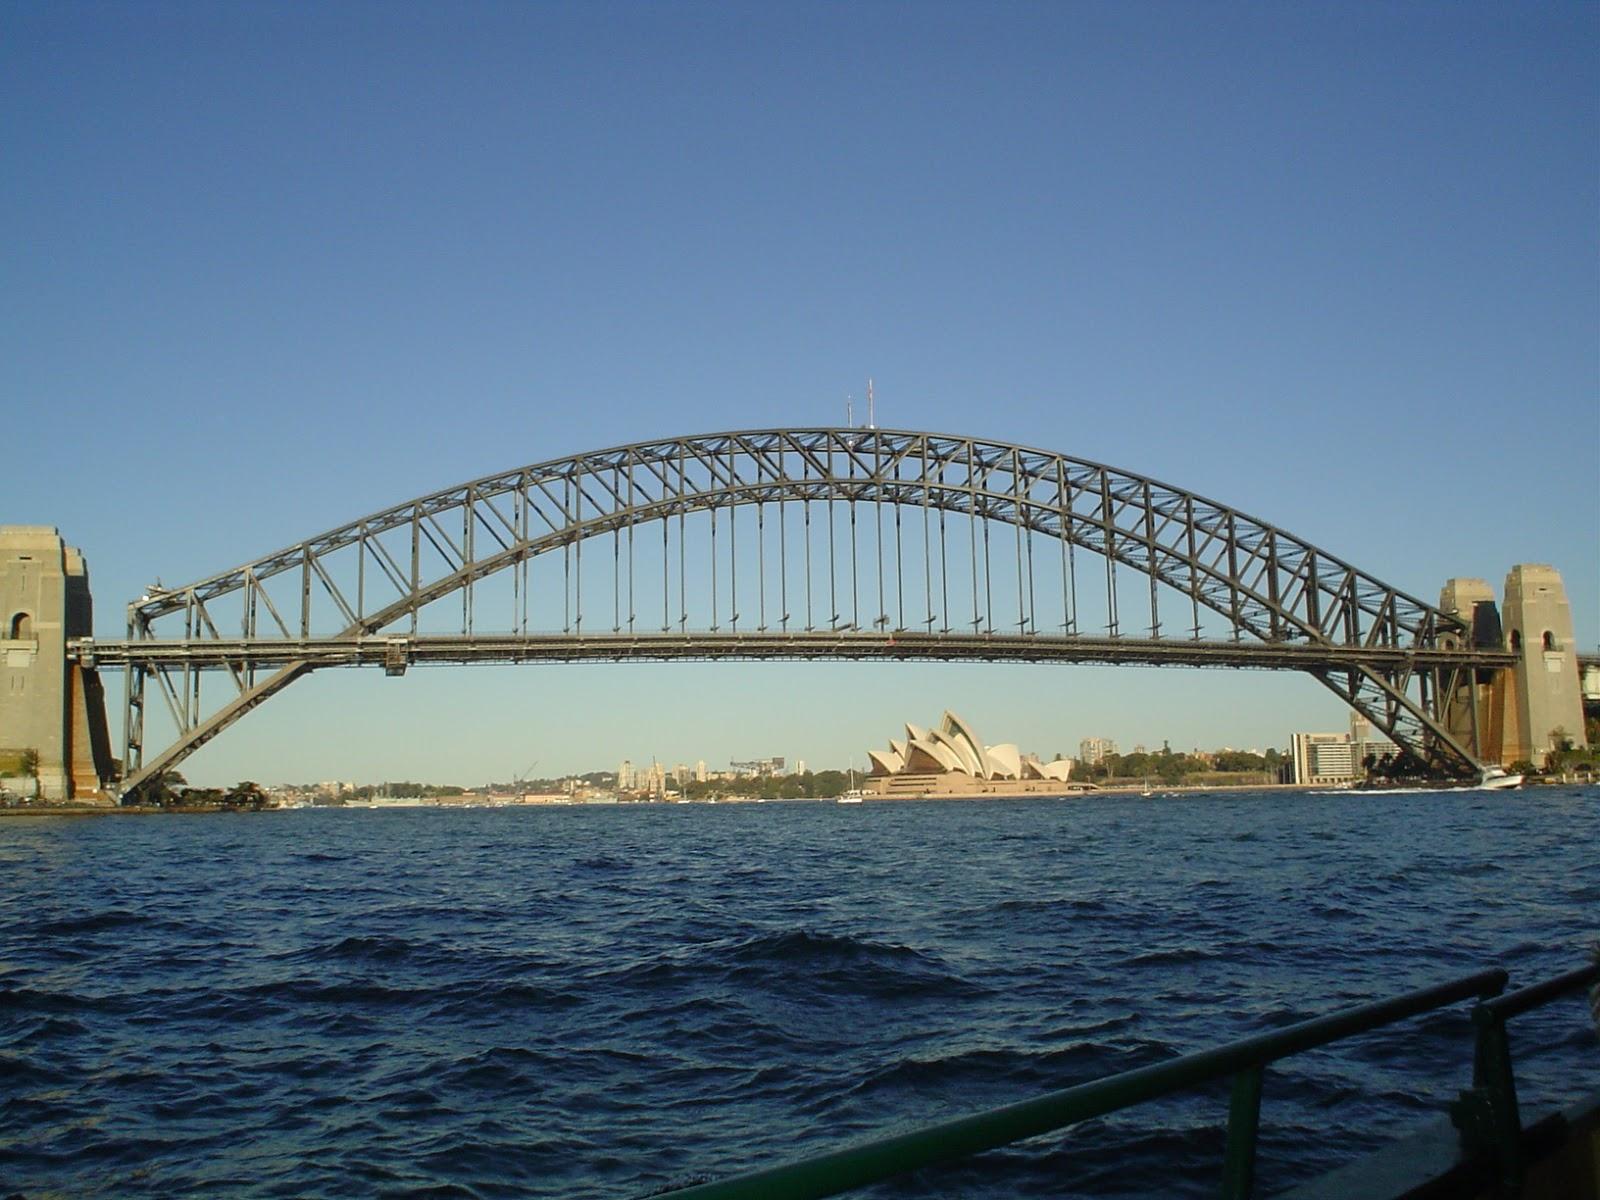 and amazing bridge...